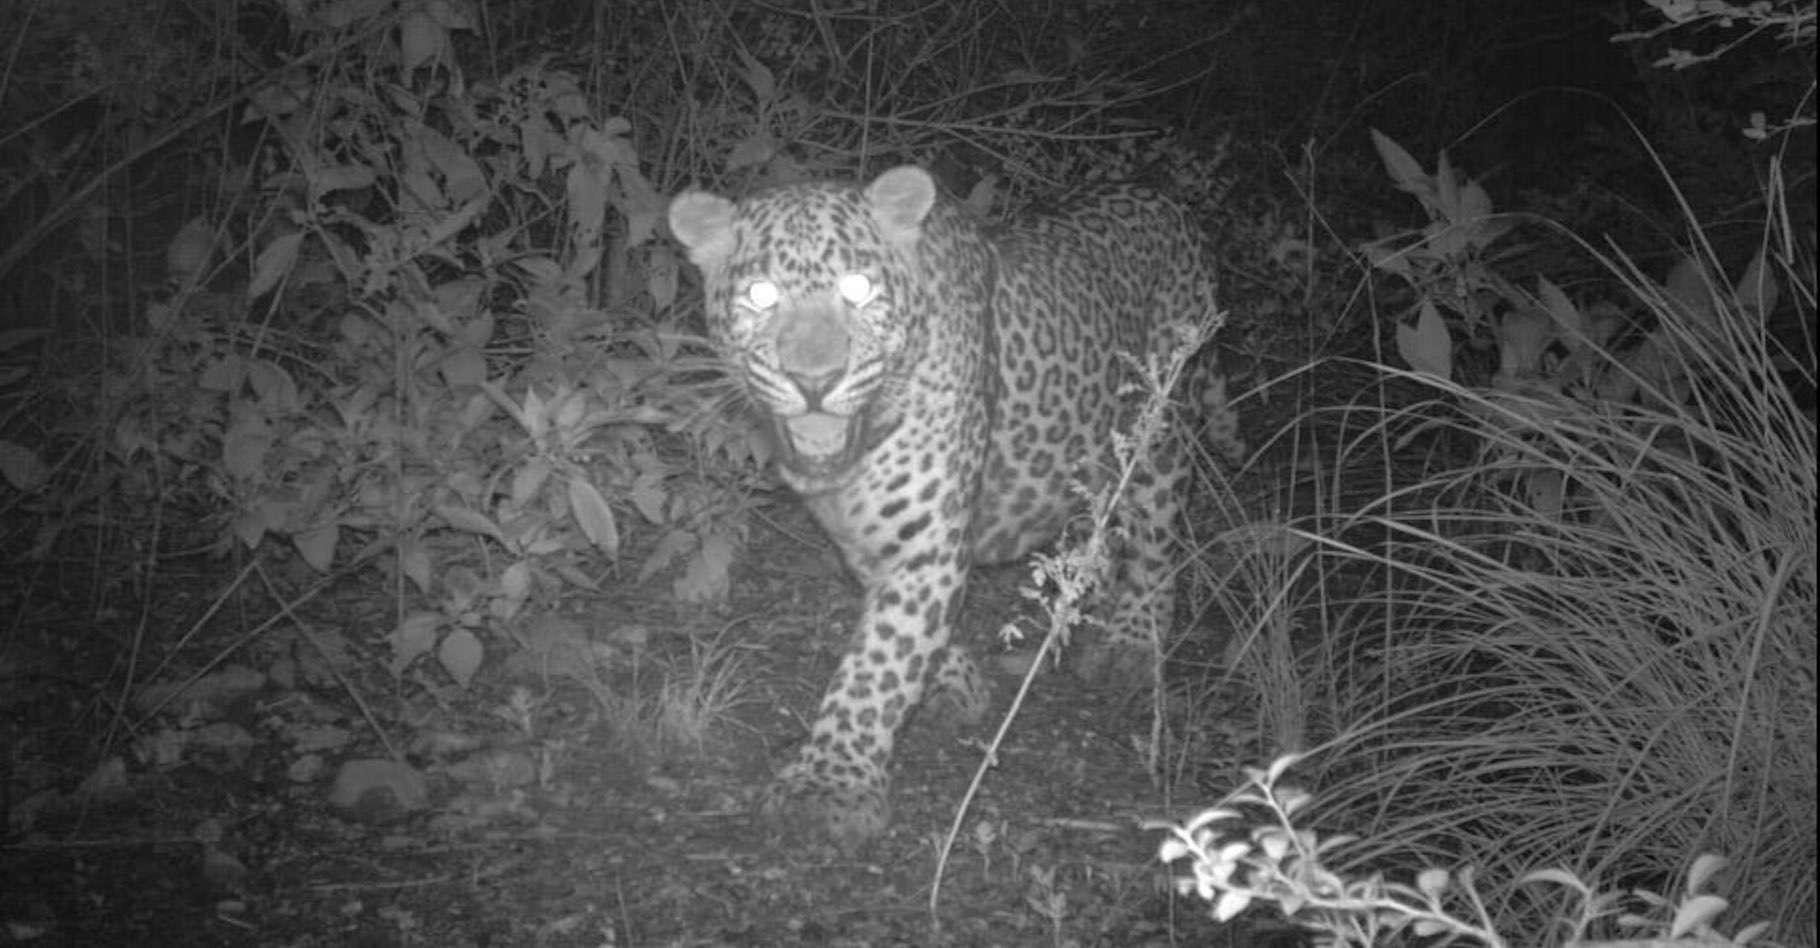 Des appareils à déclenchement automatique ont surpris des léopards errant sur les sentiers du parc national de Margalla Hills (Pakistan). © Islamabad Wildlife Management Board